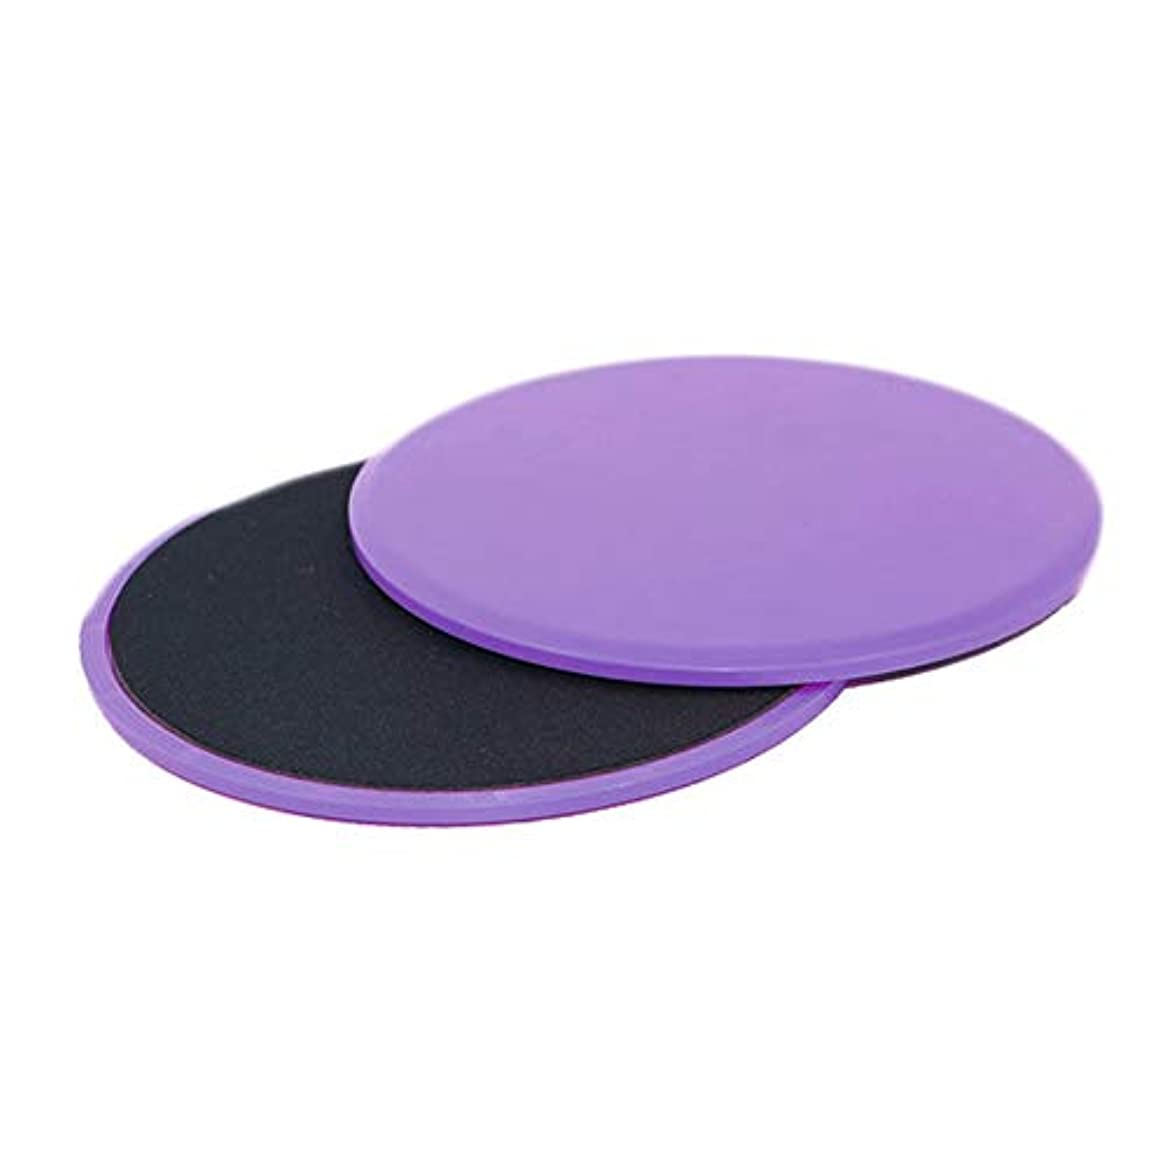 ばか年チーズフィットネススライドグライディングディスク調整能力フィットネスエクササイズスライダーコアトレーニング腹部と全身トレーニング - パープル